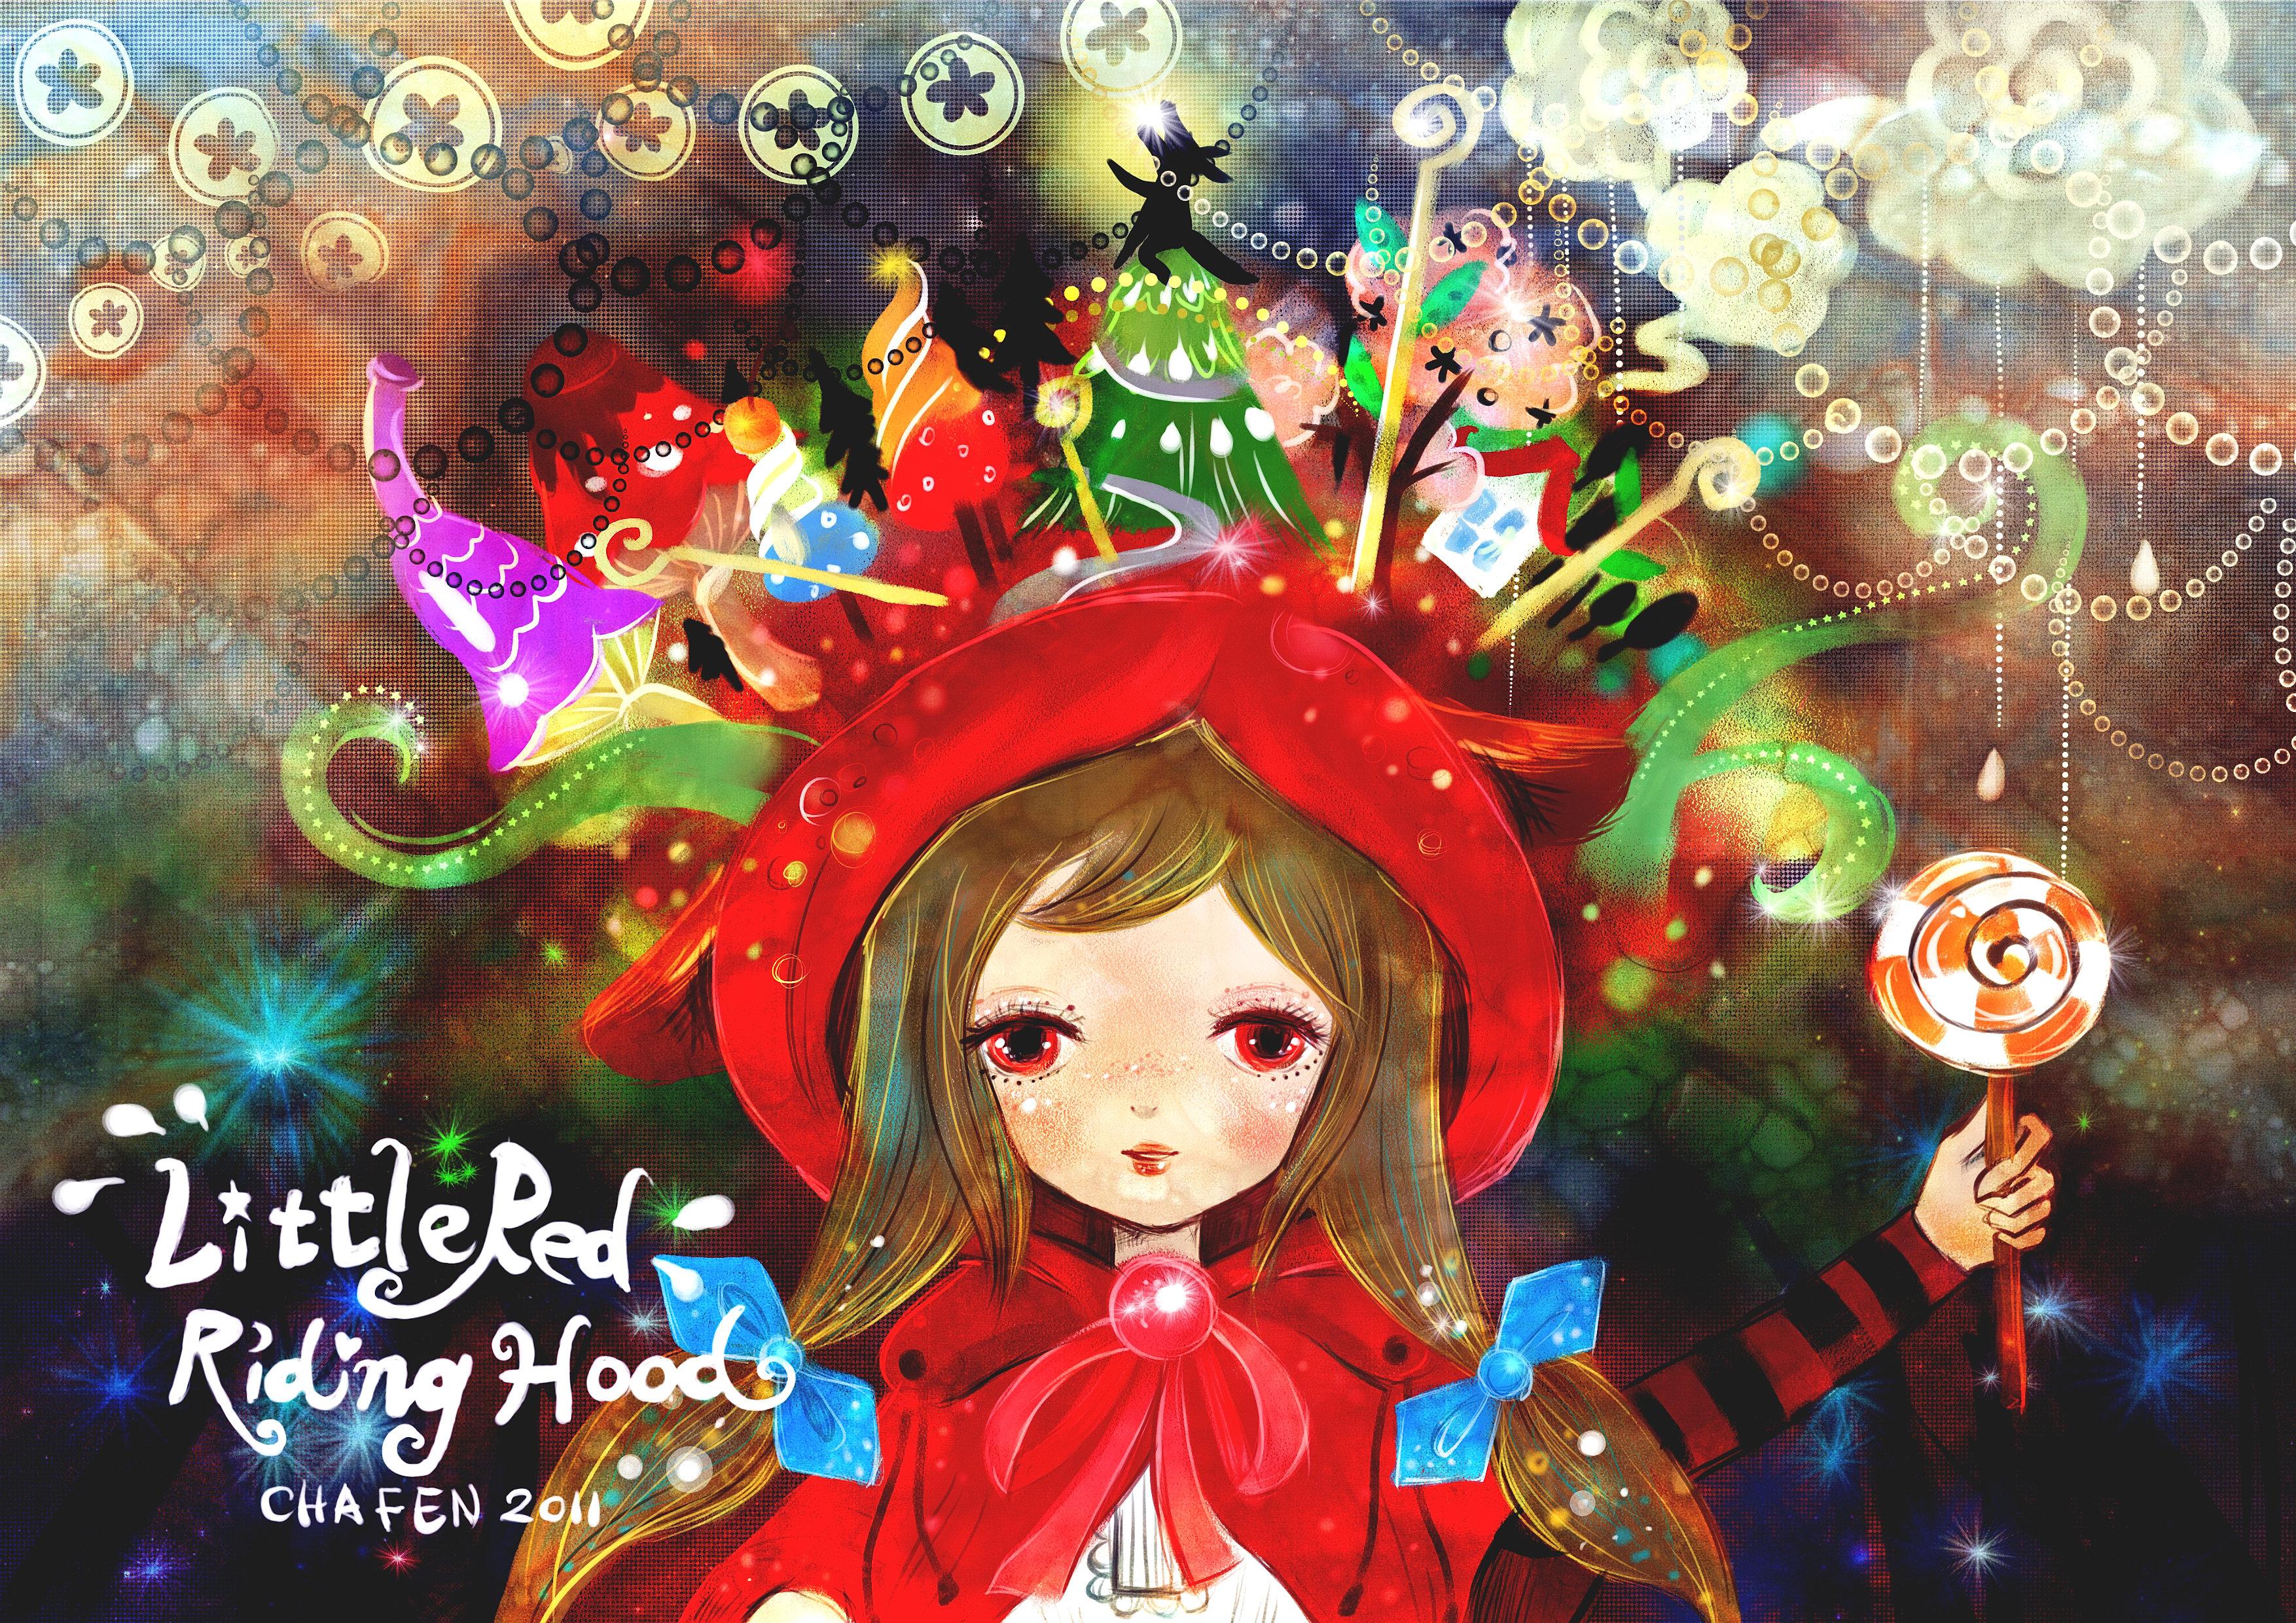 插畫繪本風 小紅帽 Little Red Riding Hood 程佳芬1 Jpg